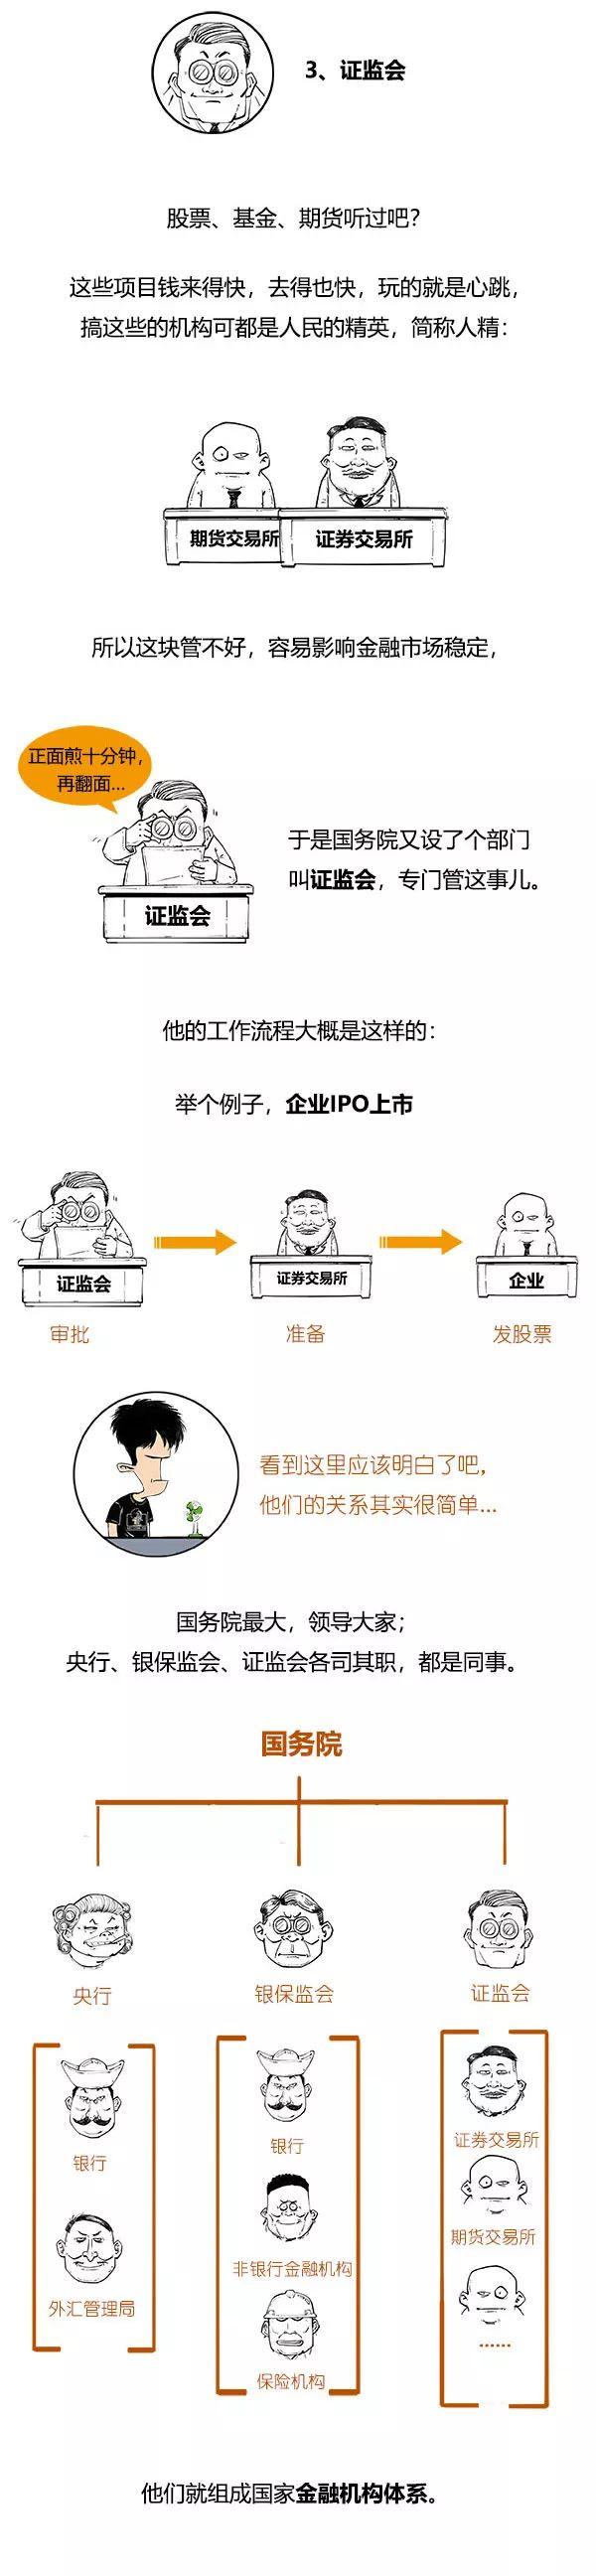 图解:一分钟搞懂中国金融机构体系!图片